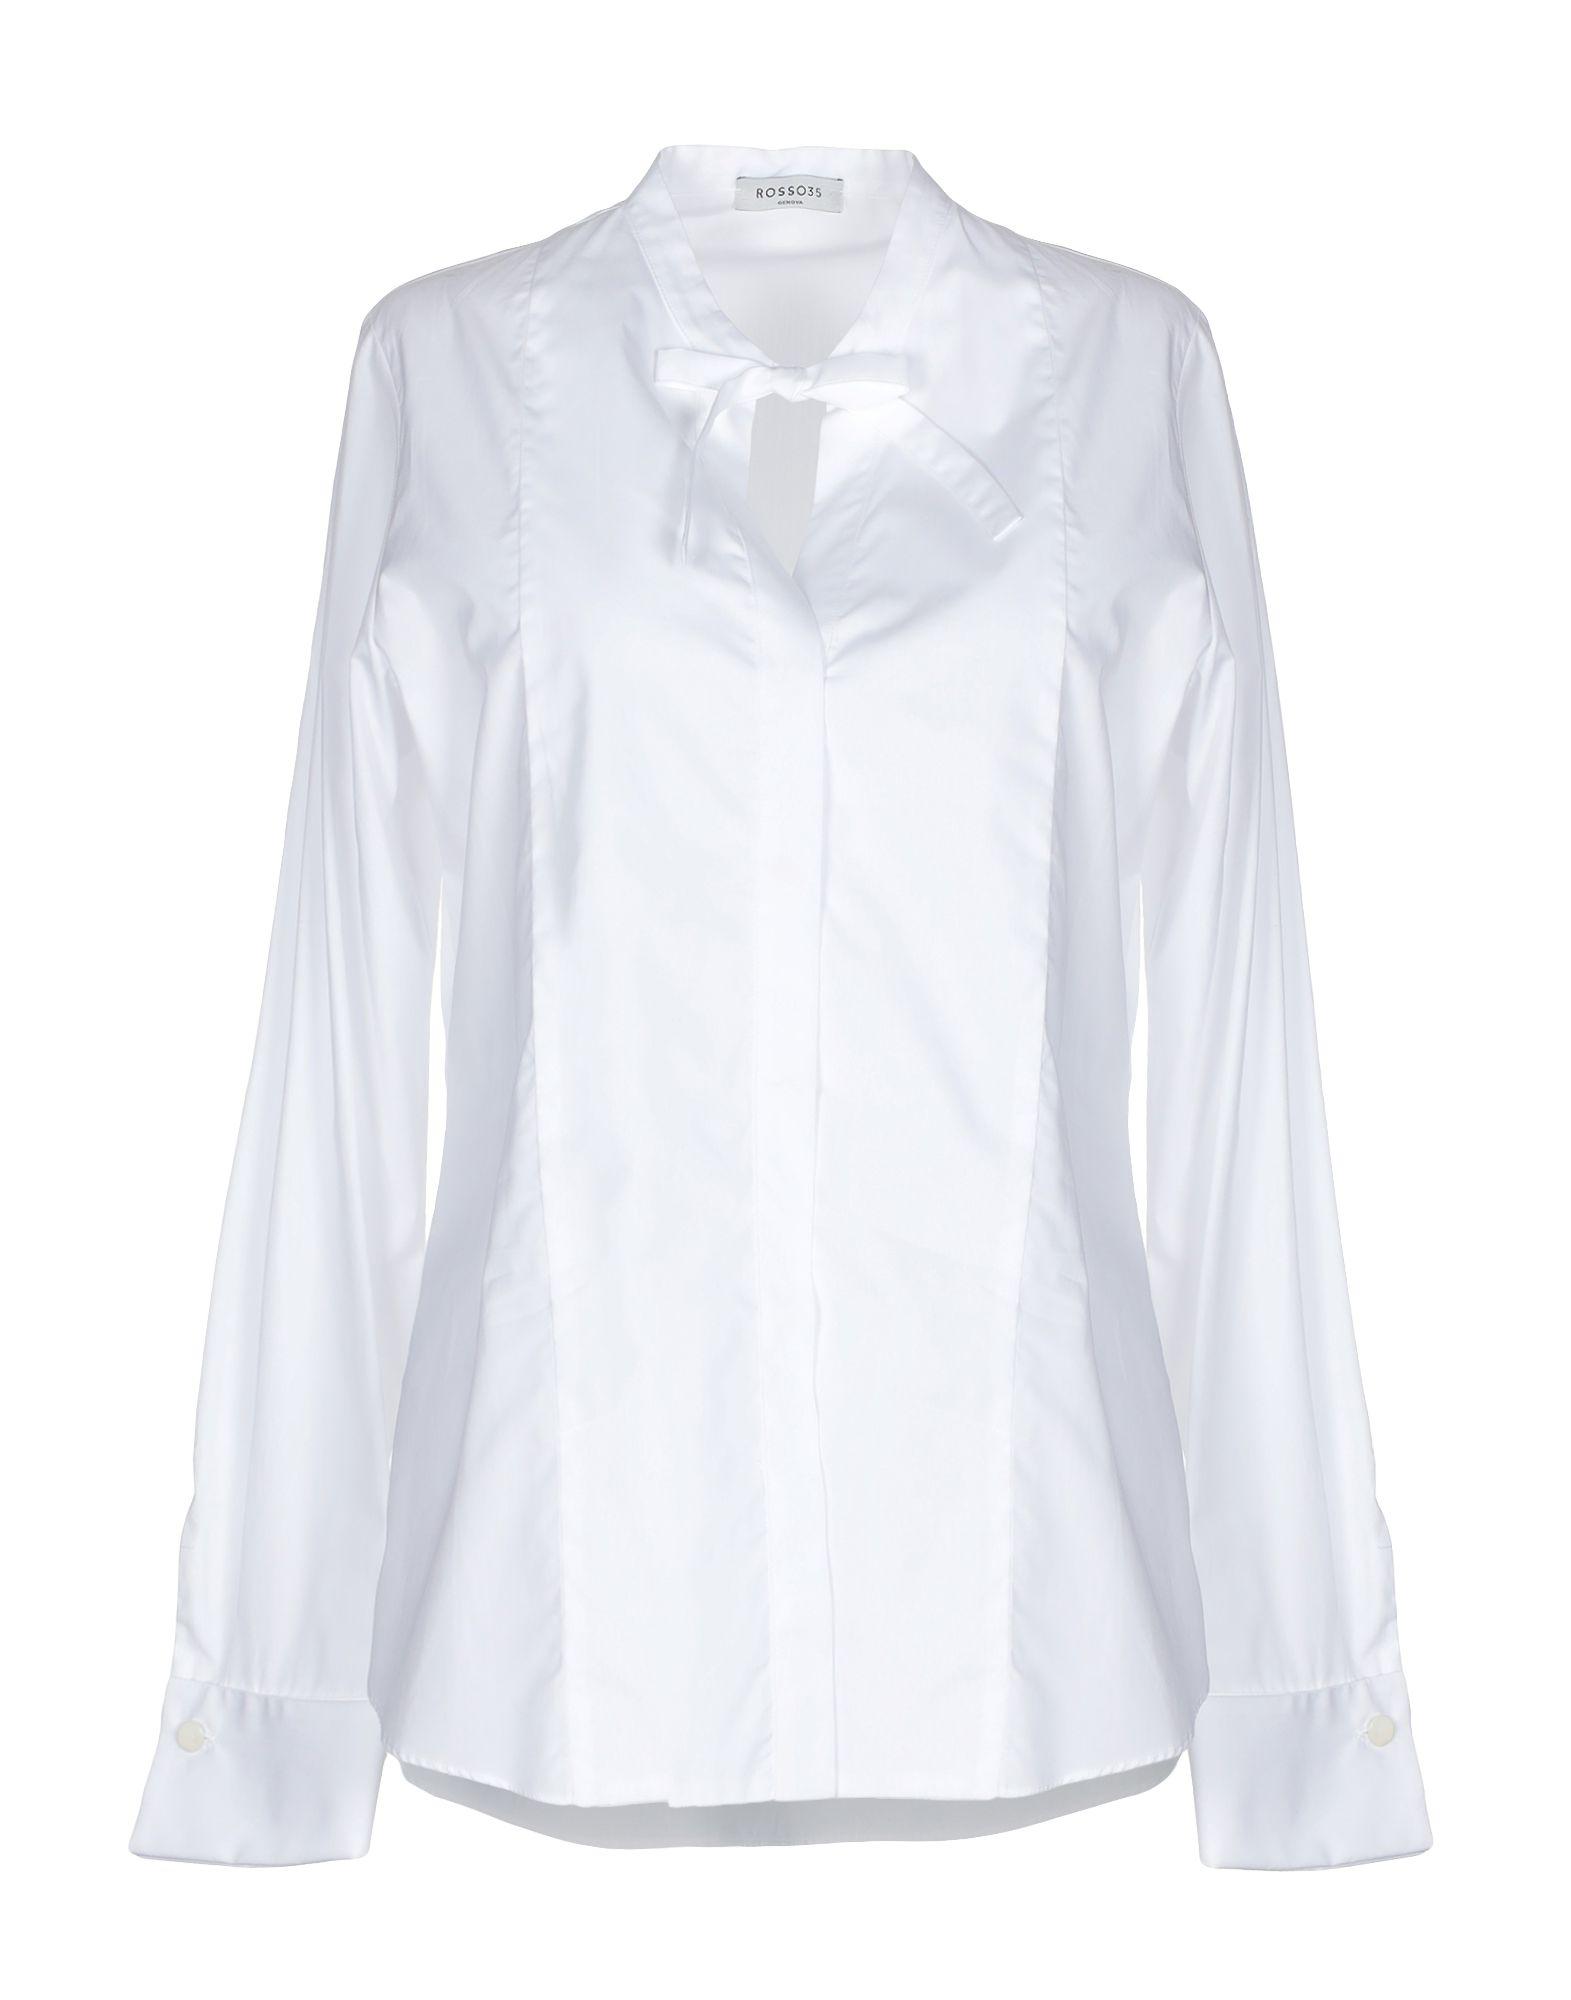 купить ROSSO35 Pубашка по цене 5500 рублей